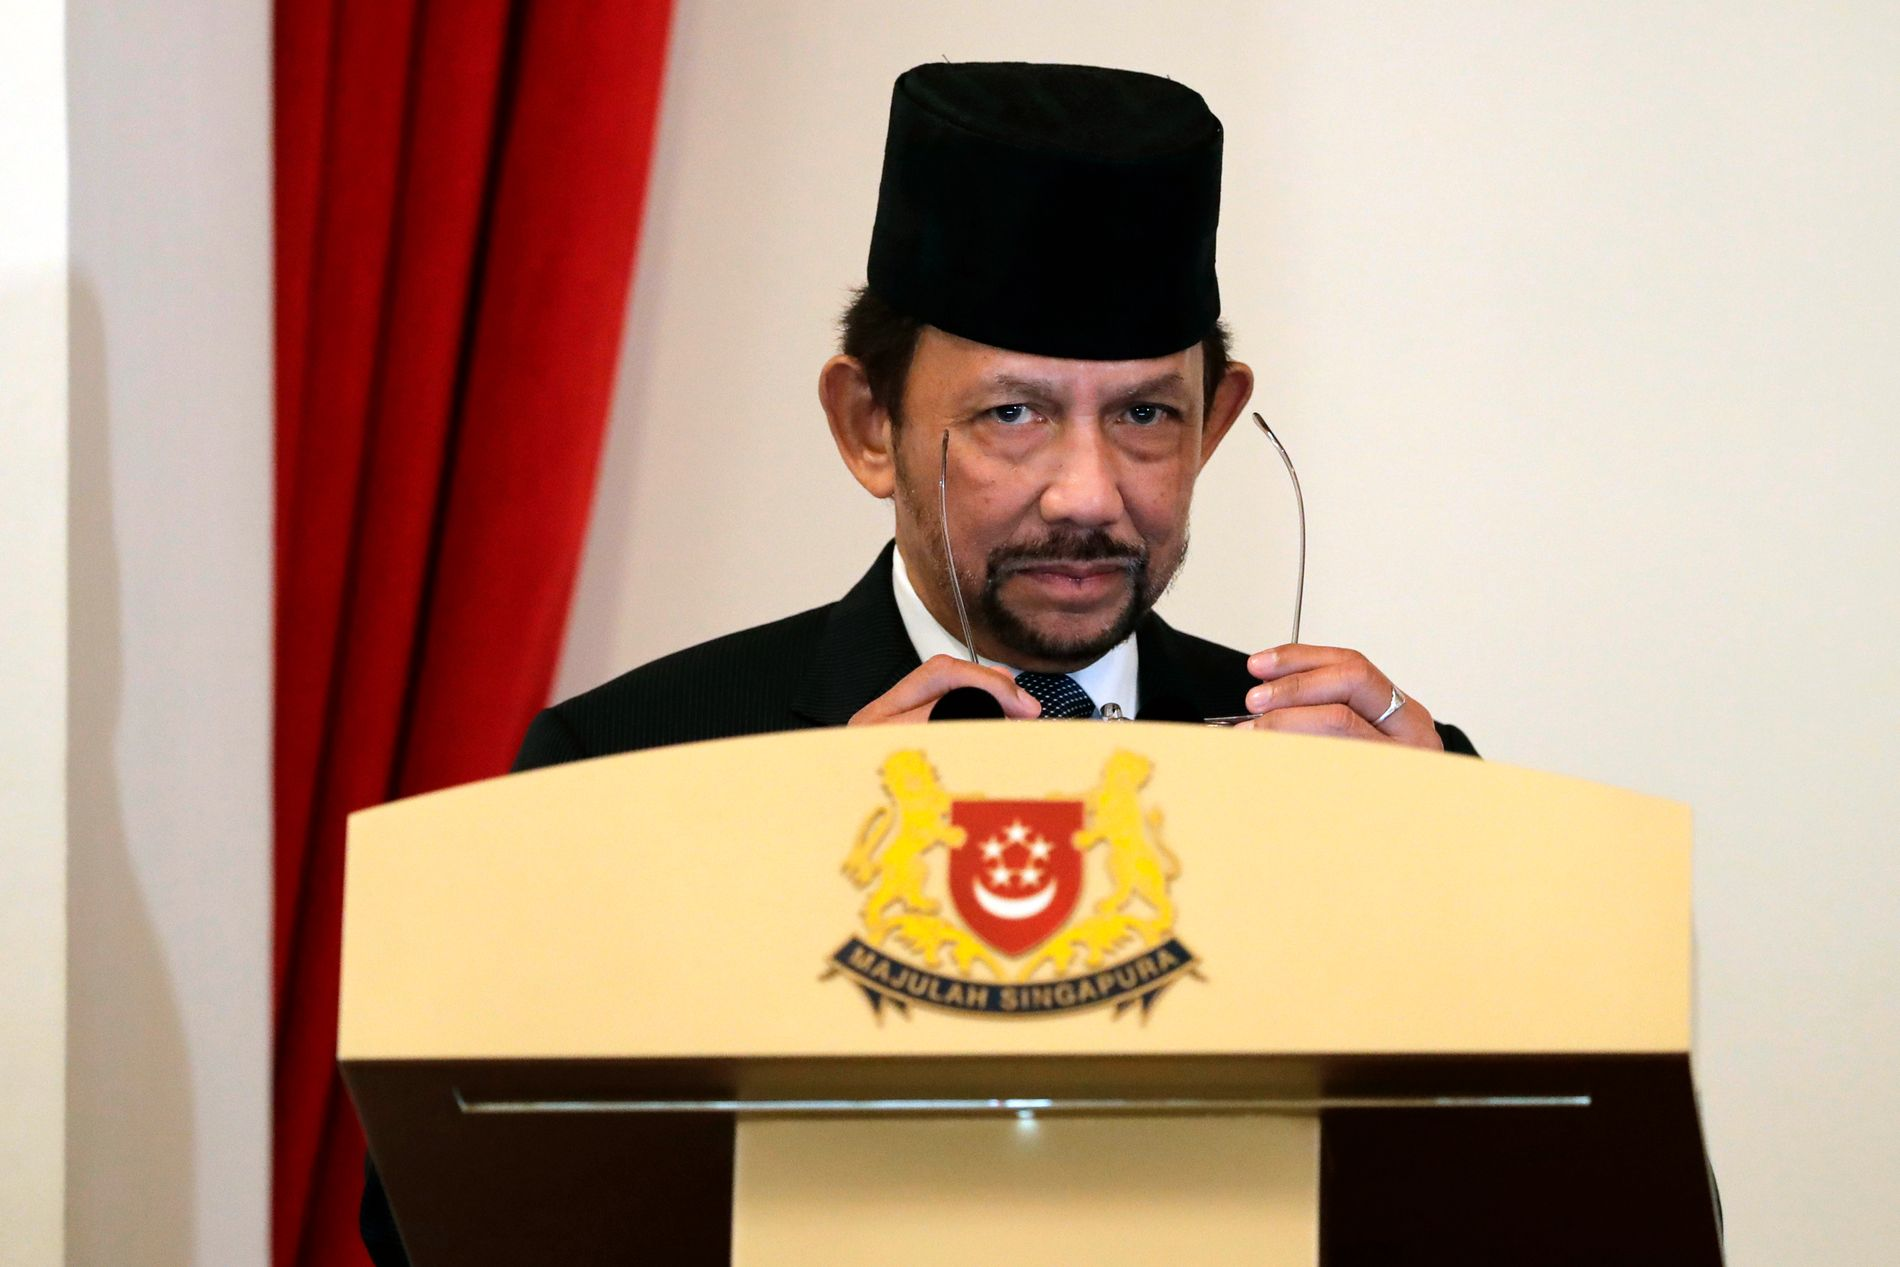 SHARIALOVER: Sultan Hassanal Bolkiah har teke Brunei eit stort steg tilbake mot steinalderen, skriv BT på leiarplass.